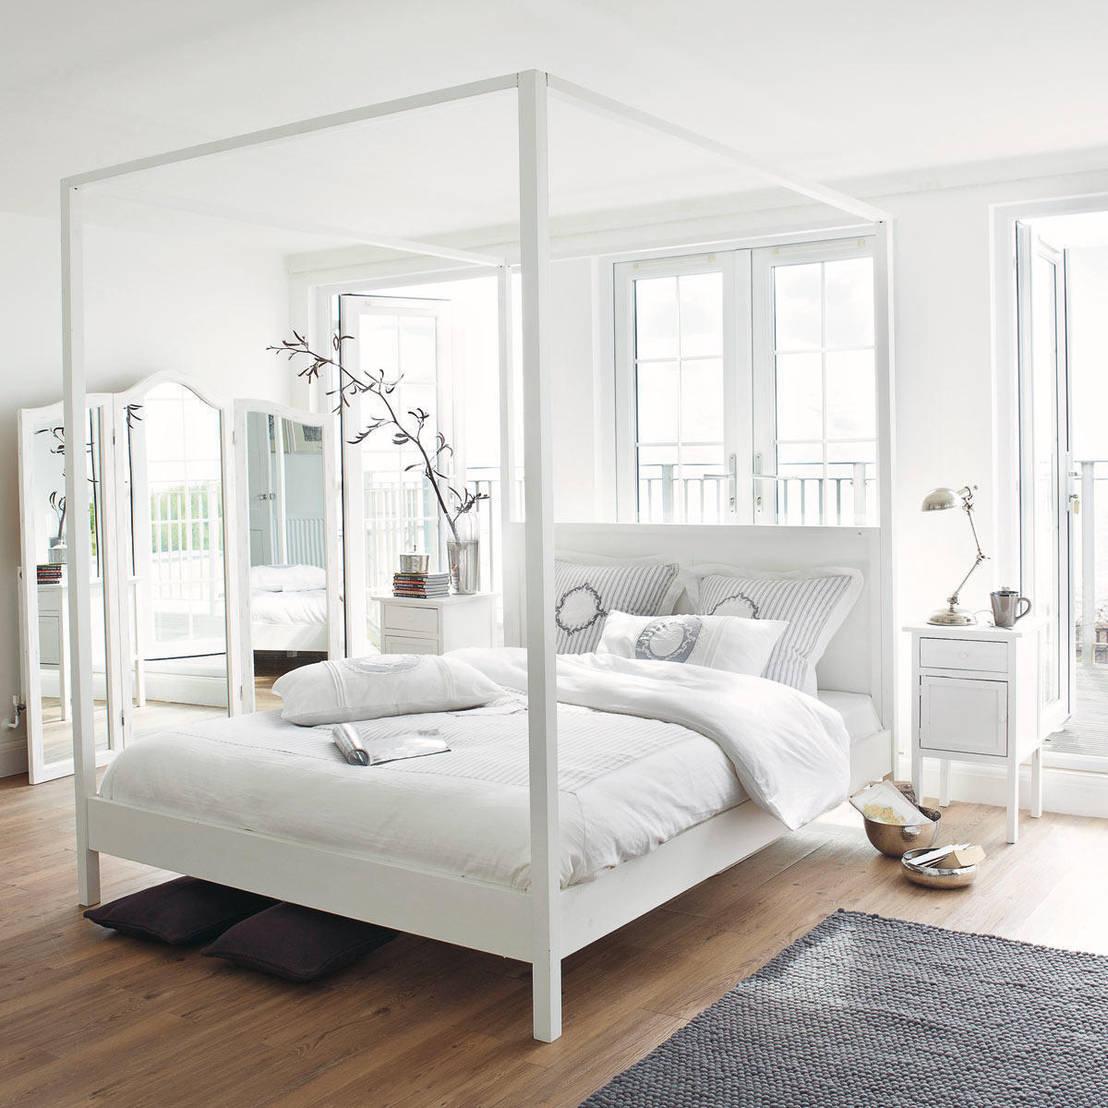 Arredamento della camera da letto 7 idee e consigli economici for Consigli arredamento camera da letto